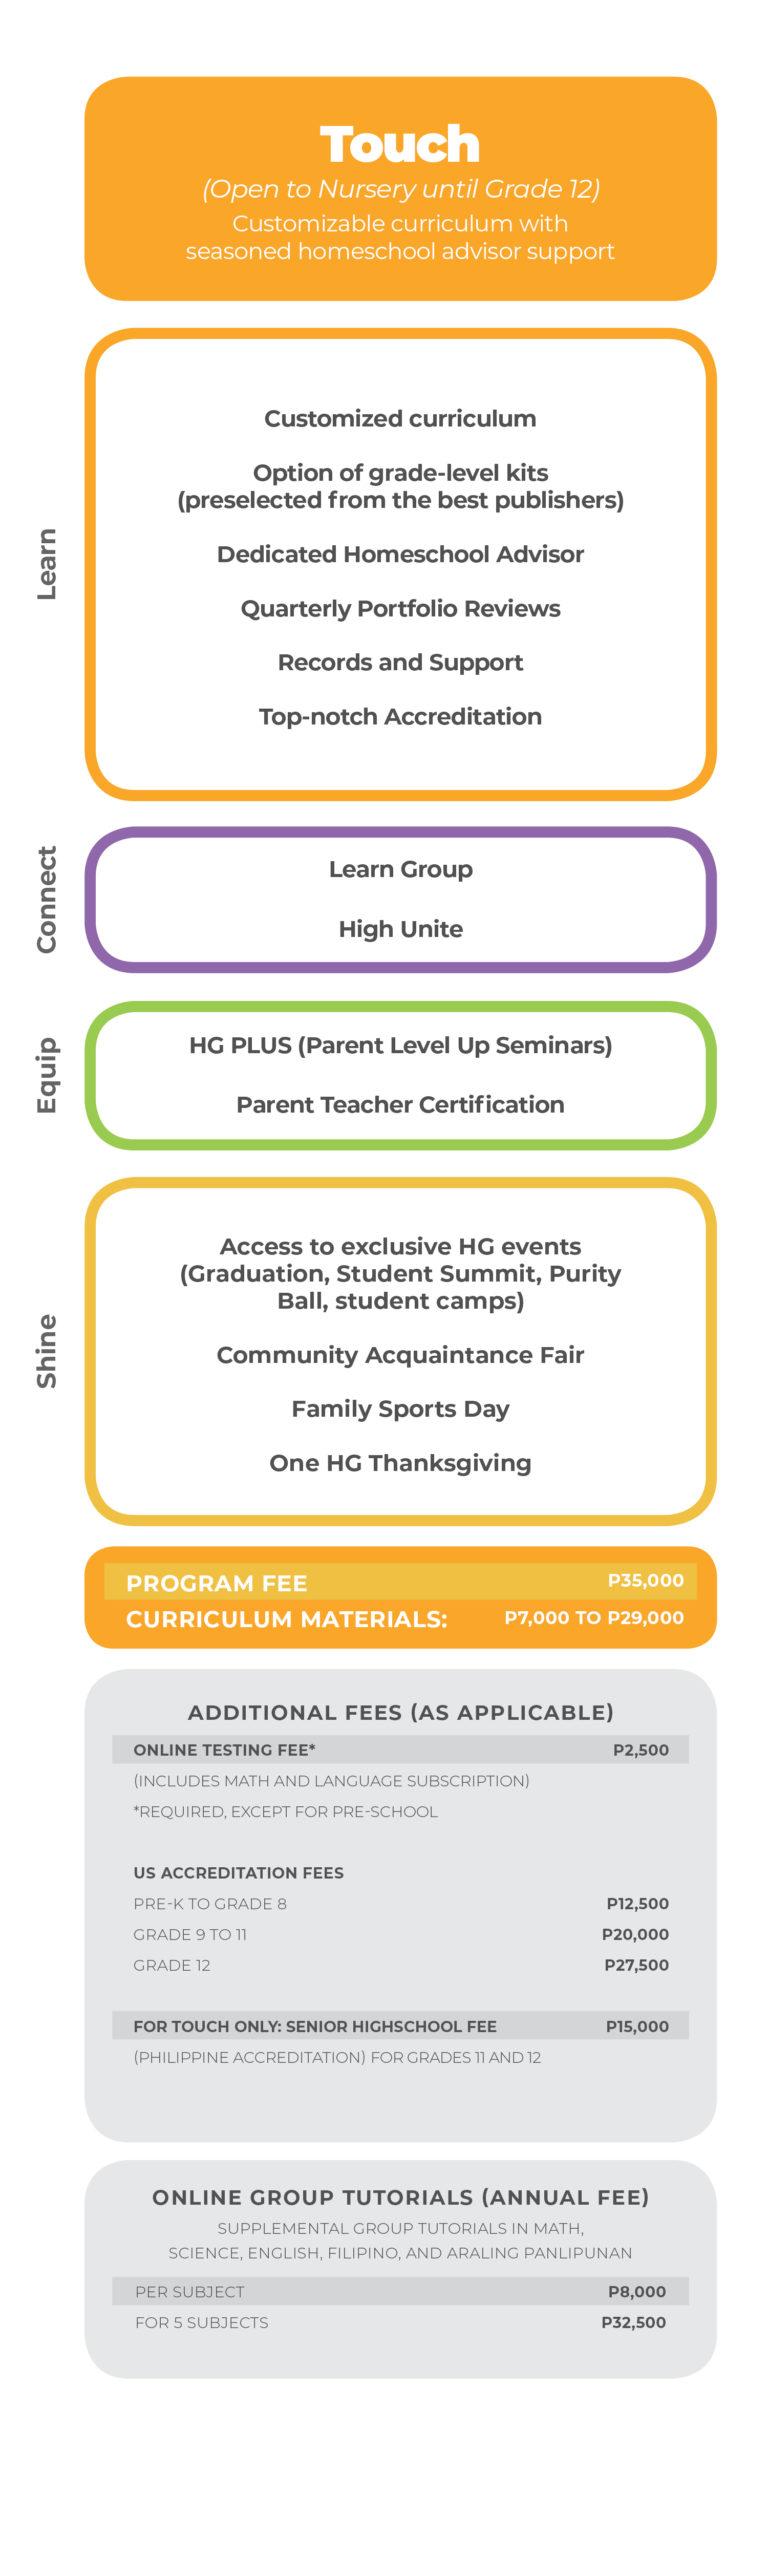 HGPH Programs Touch 04062020